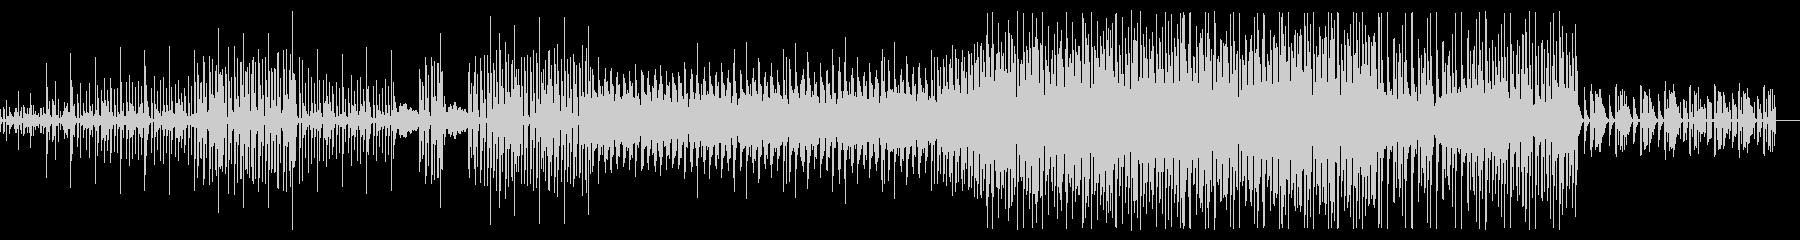 ディープなシンセが印象的なダンサブルな曲の未再生の波形